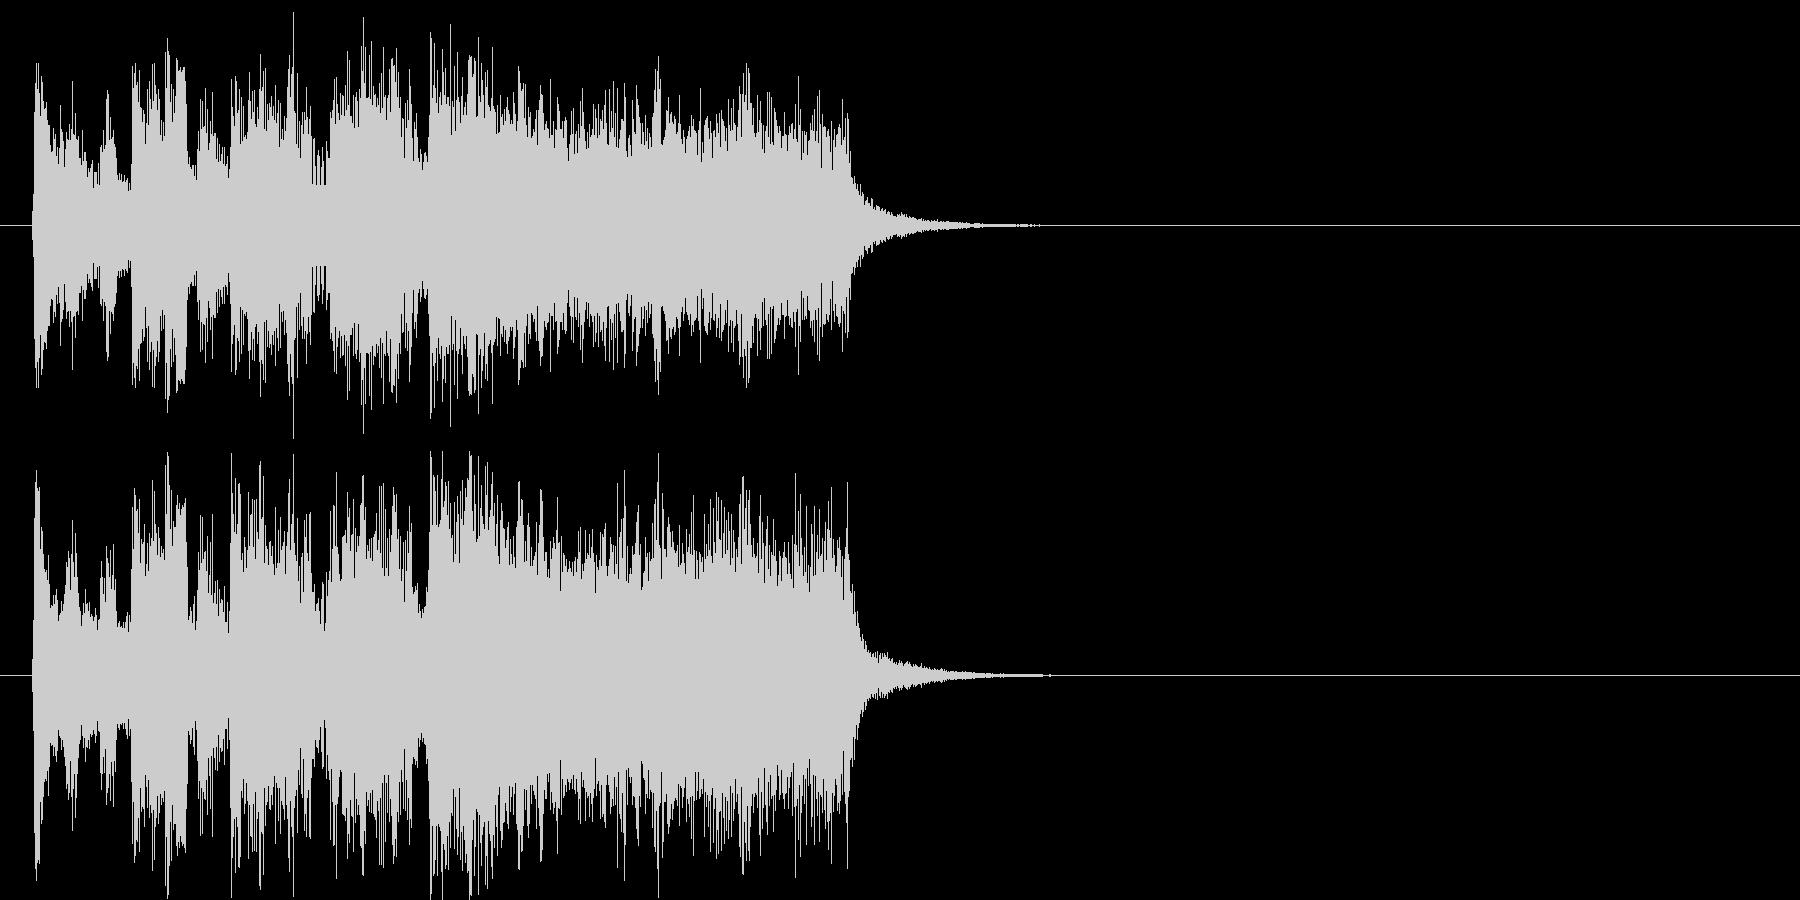 ファンファーレ 登場 イベント コミカルの未再生の波形